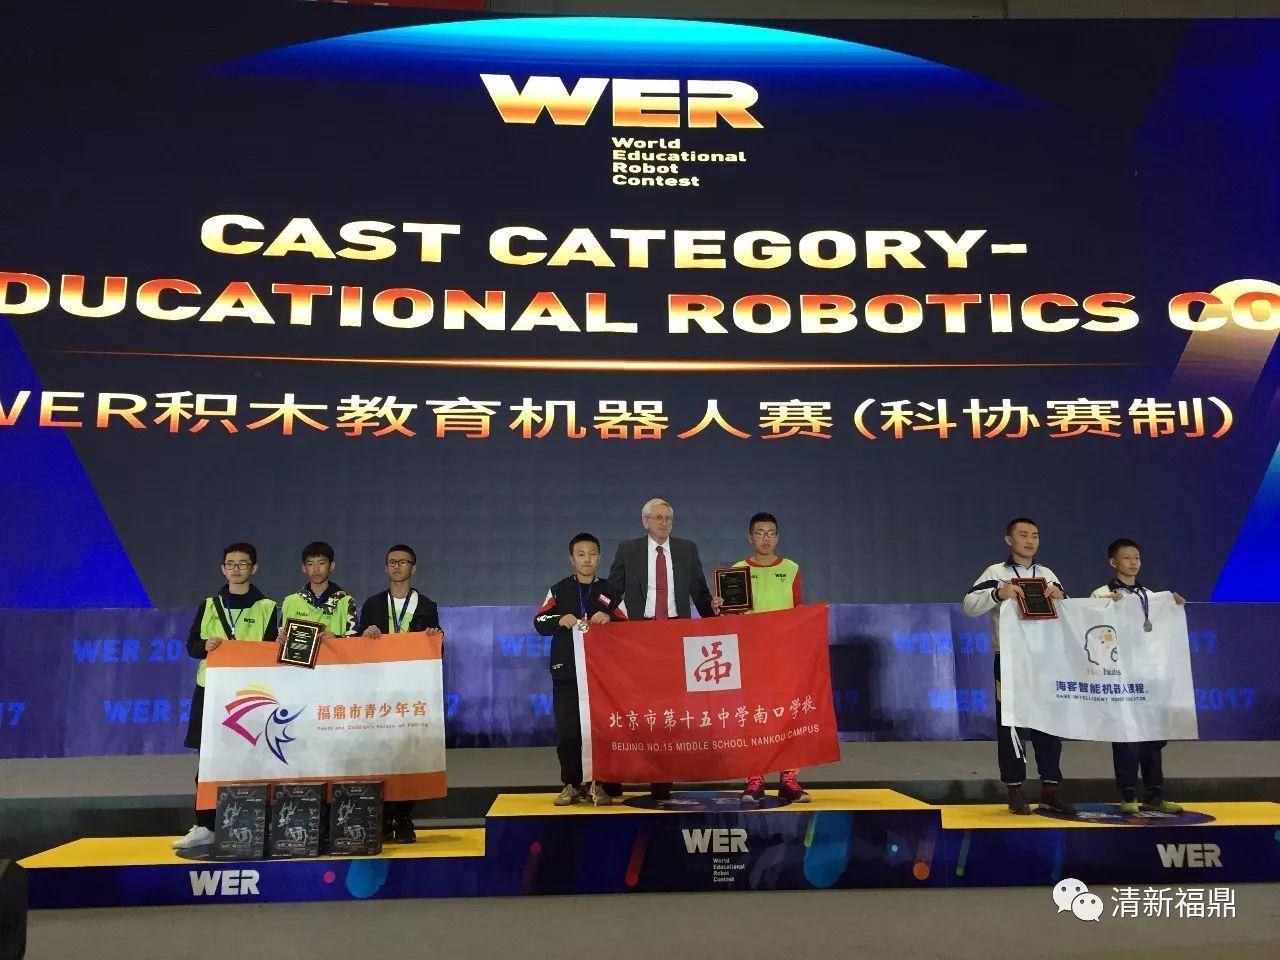 赞!福鼎学子在世界教育机器人大赛上一展风采!